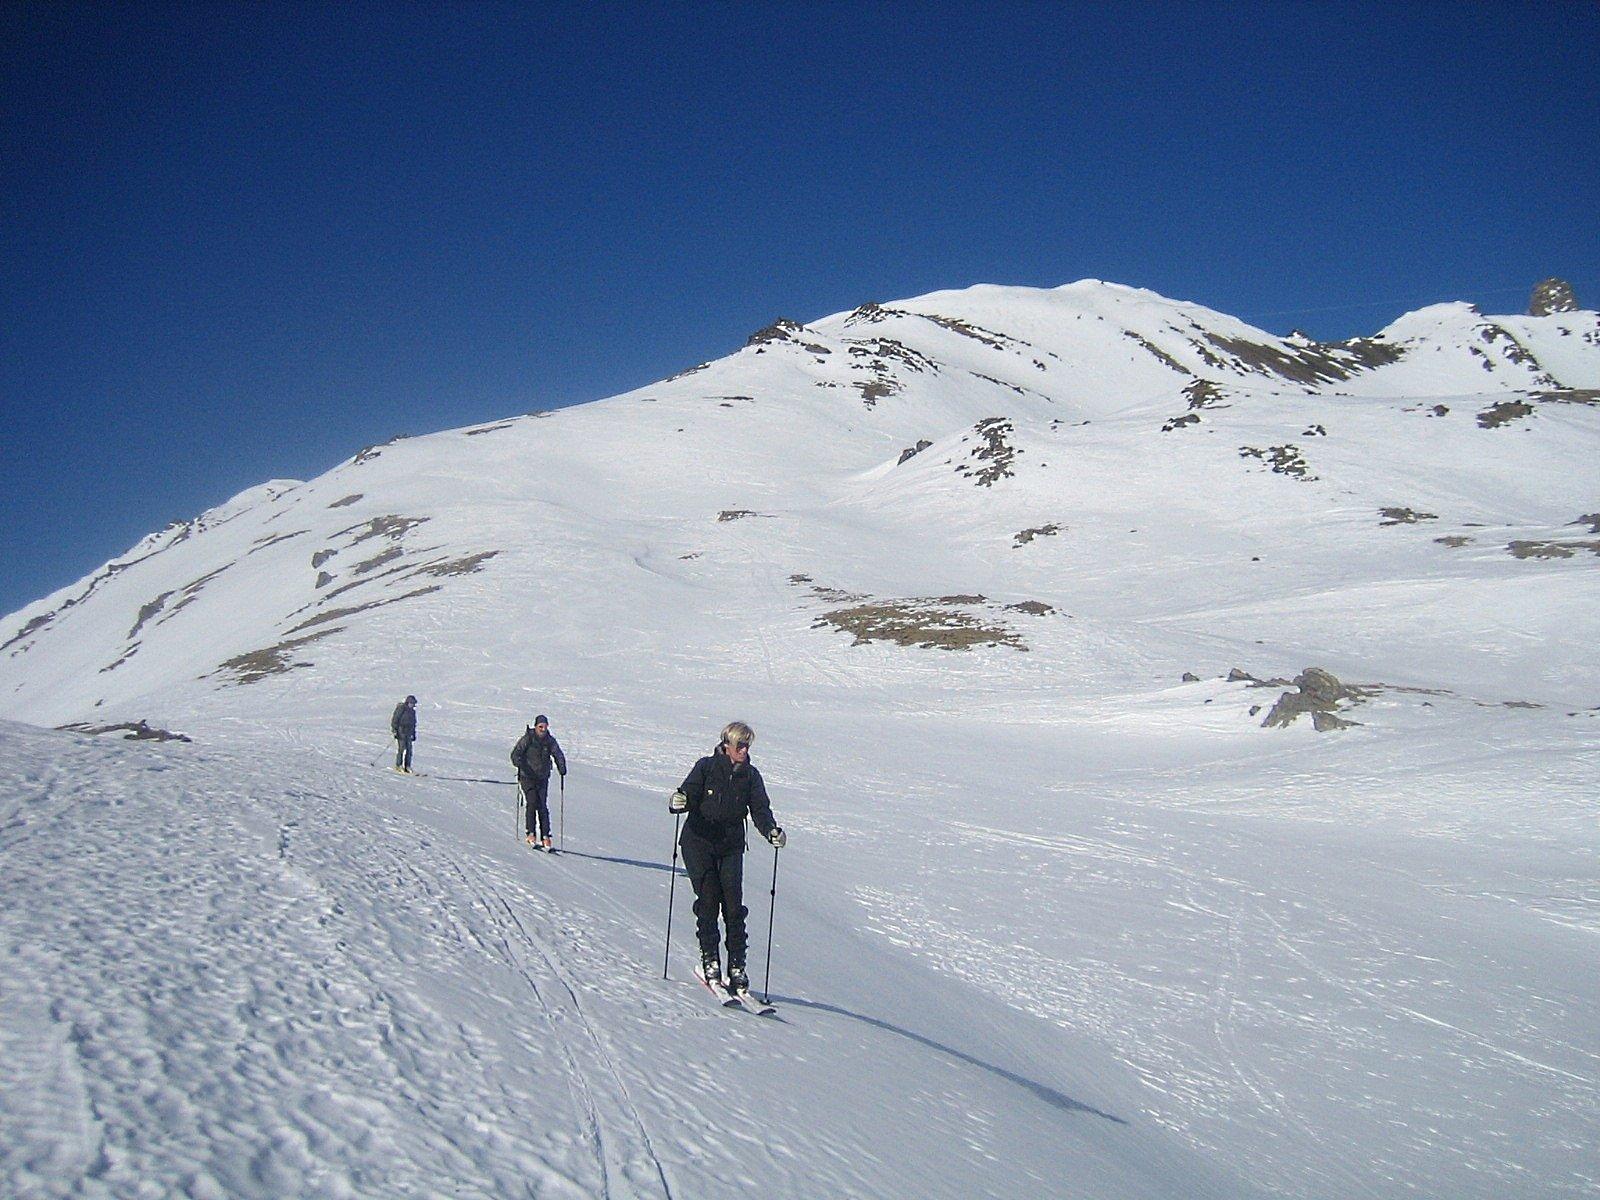 Ponsonniere (Crete de la) da le Pont de l'Alpe 2011-02-10